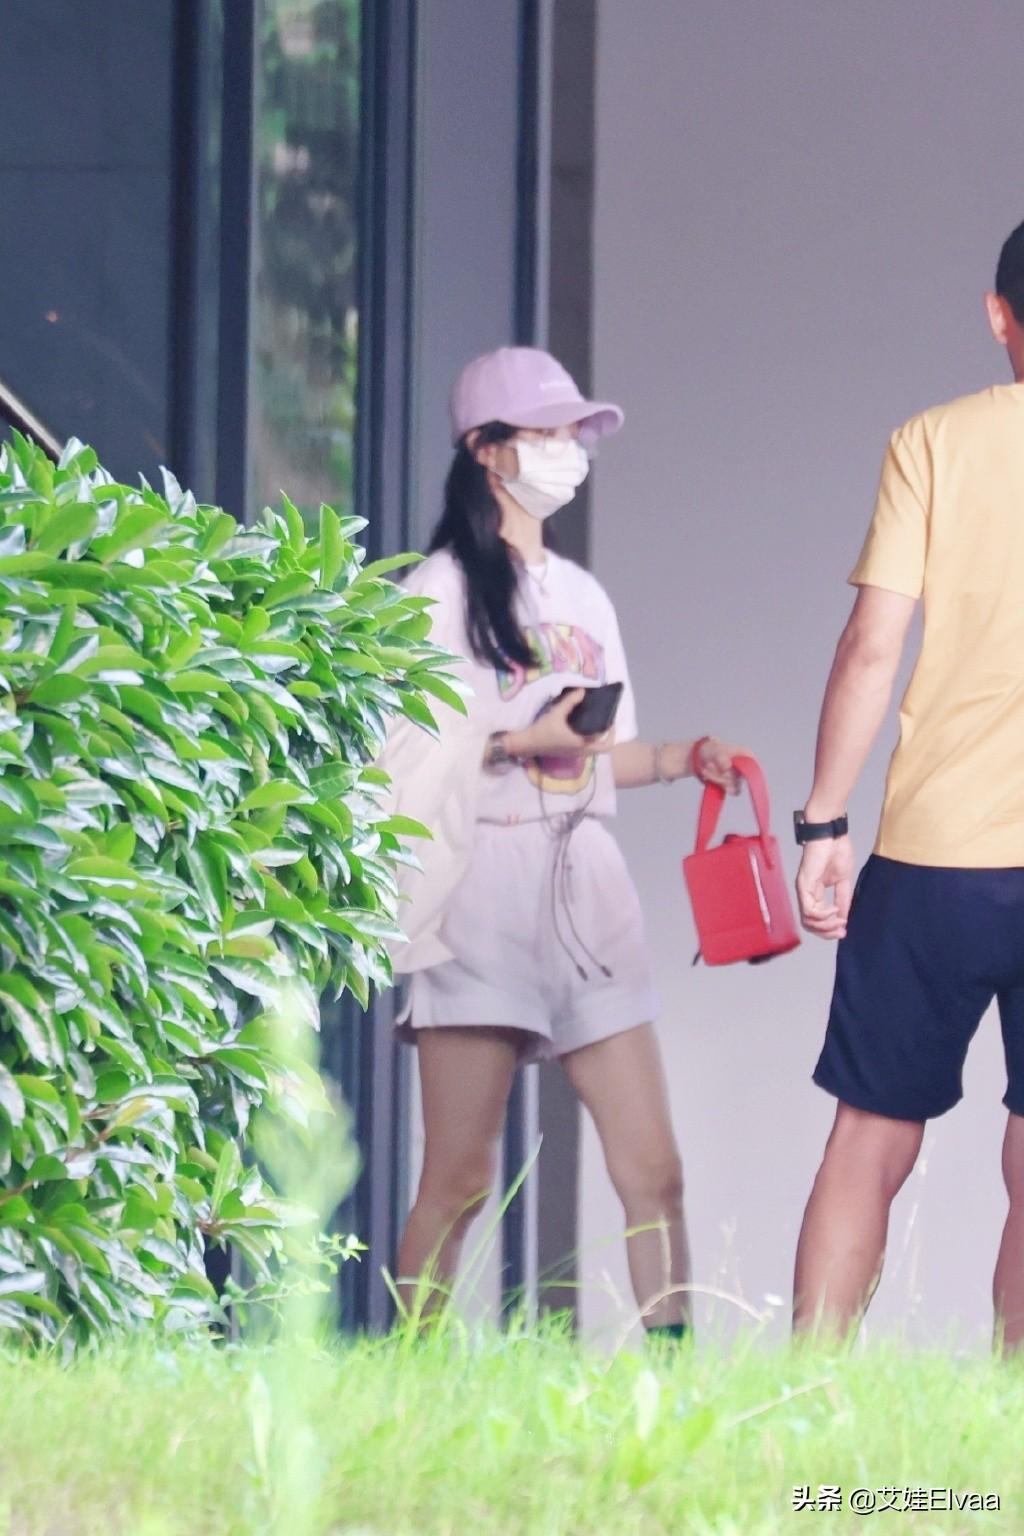 赵丽颖金丝眼镜造型 穿T恤拎水桶包走机场